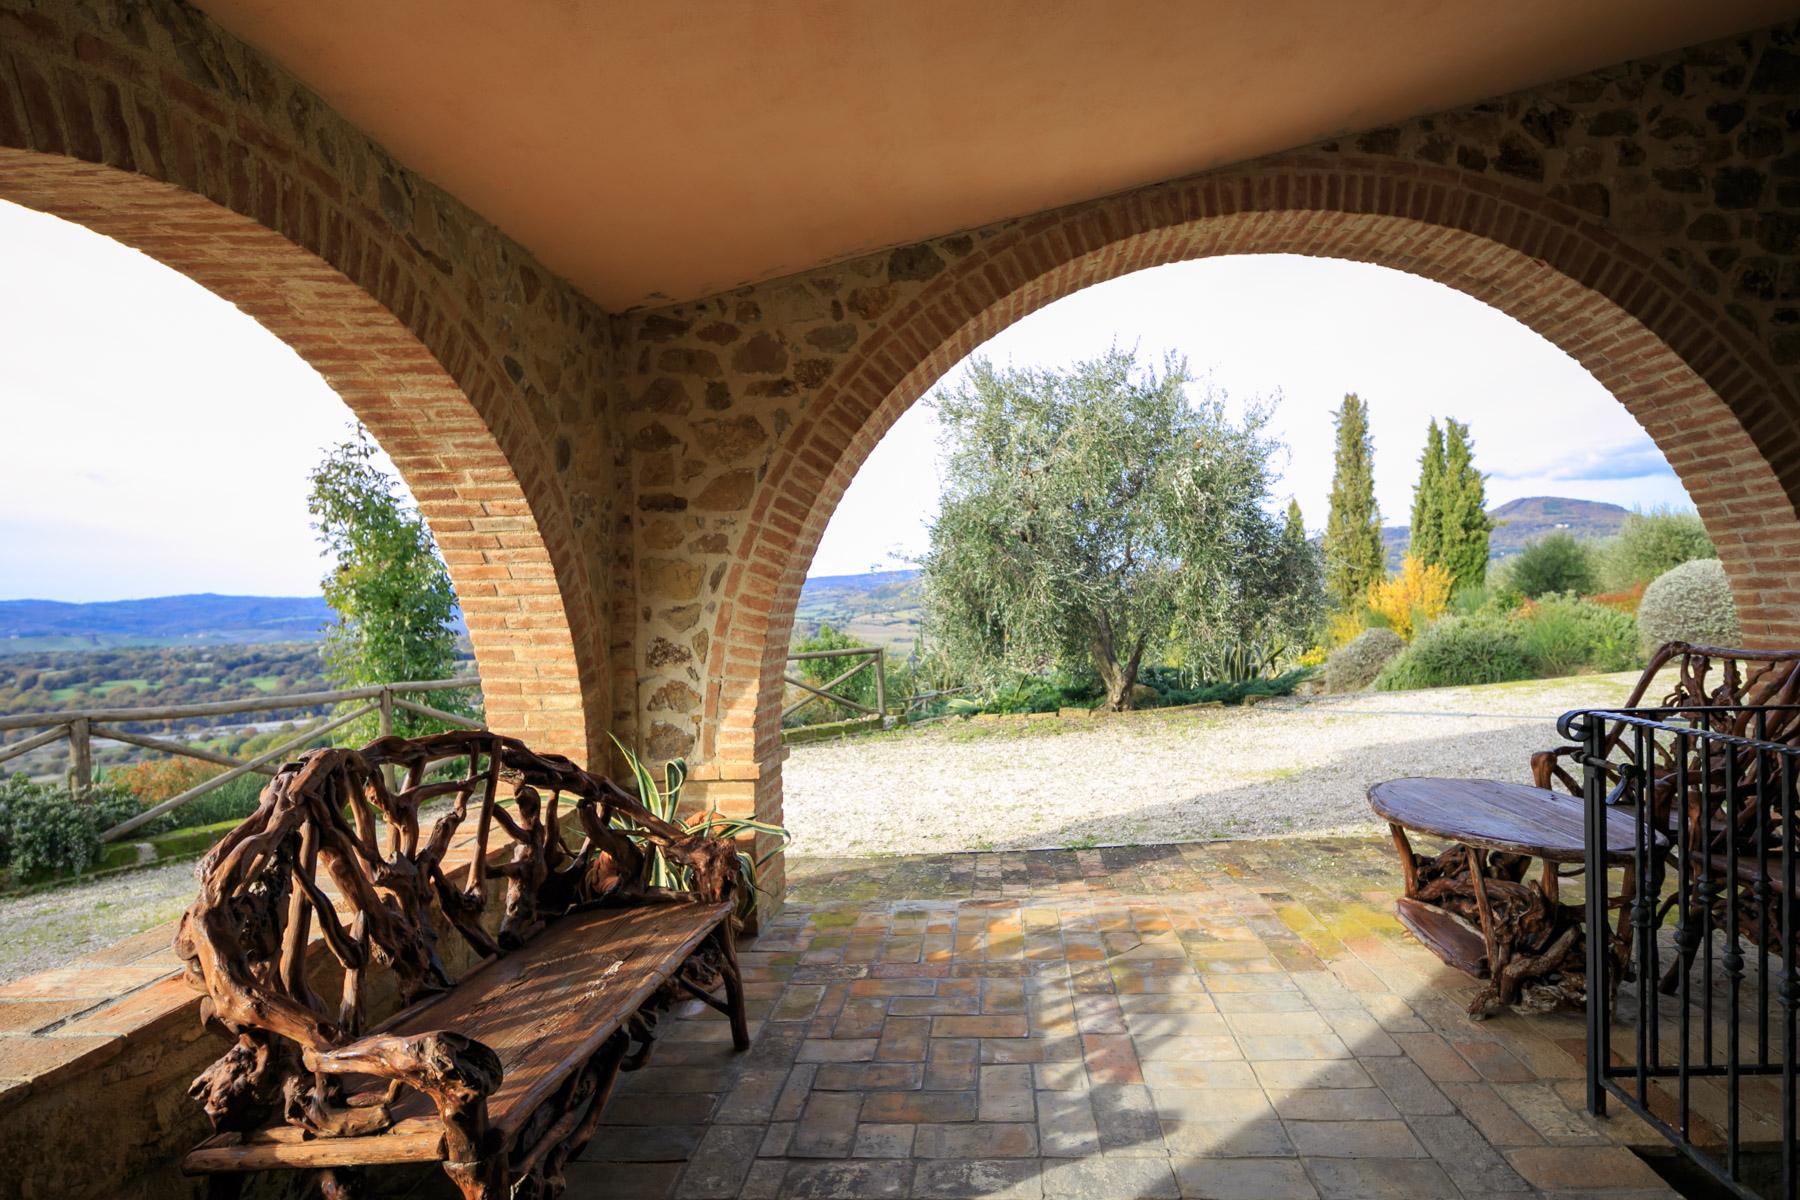 Rustico in Vendita a Manciano: 5 locali, 500 mq - Foto 14